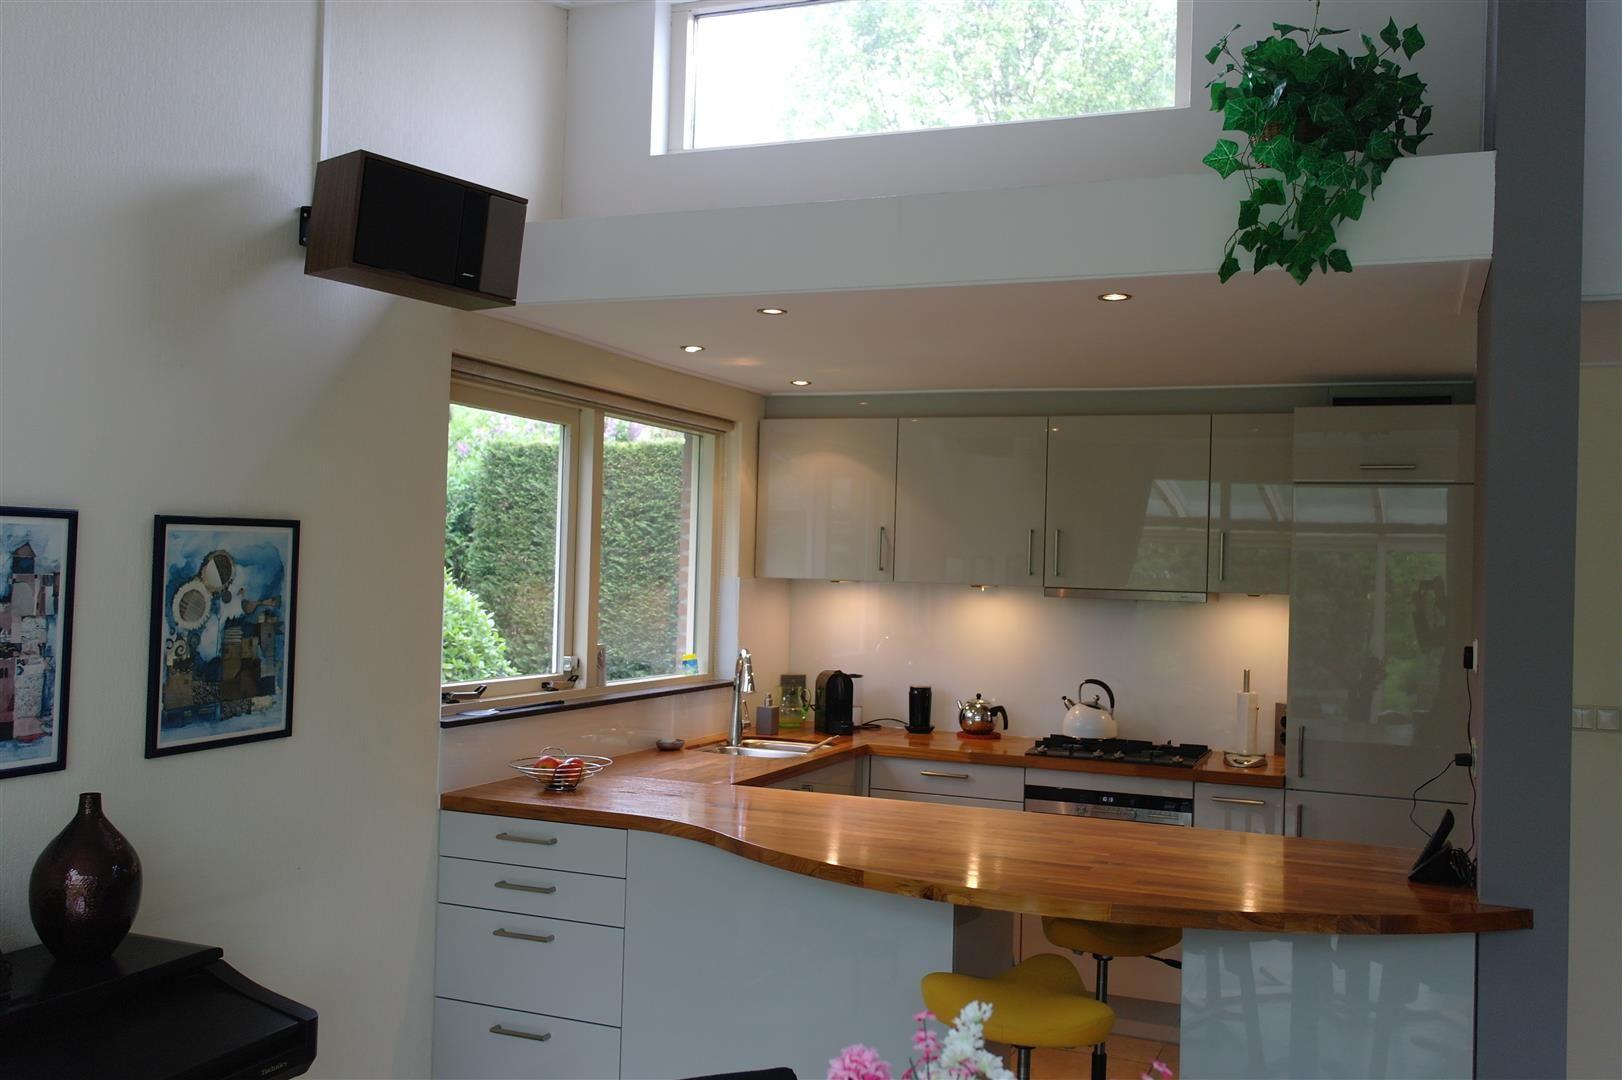 Hoogglans gelakt schmidt keuken met massief teak houten werkblad